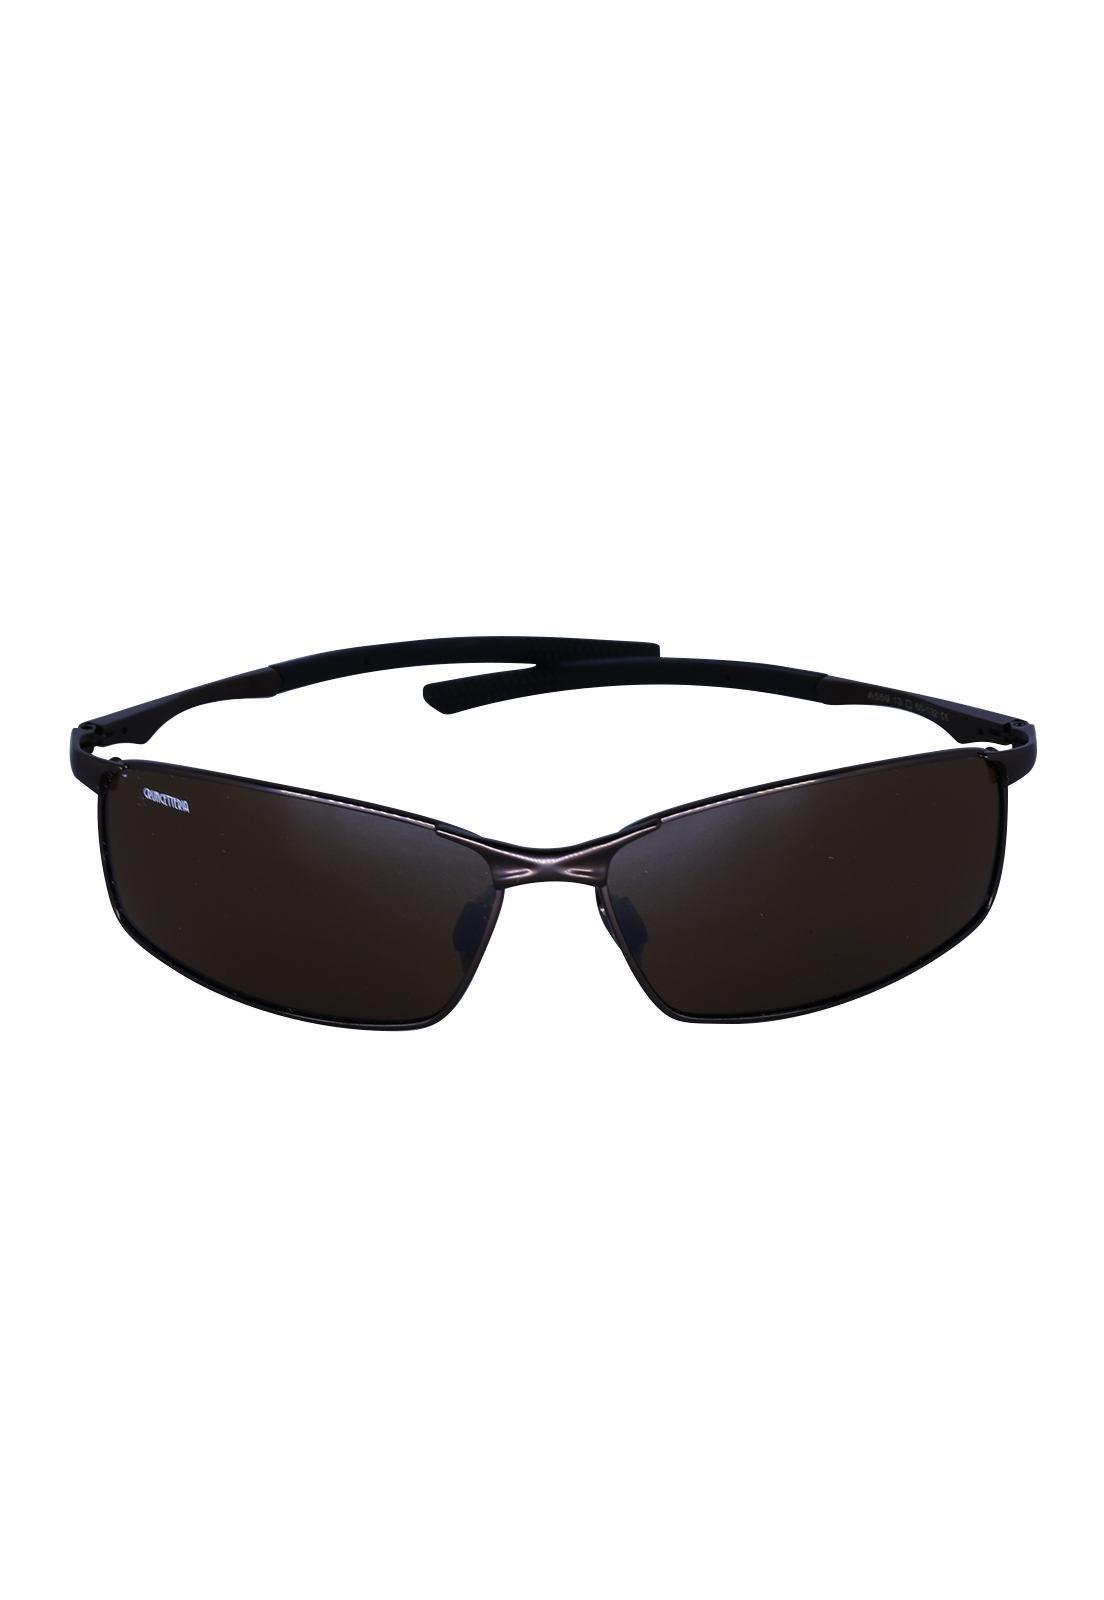 Óculos de Sol Grungetteria Neo Marrom